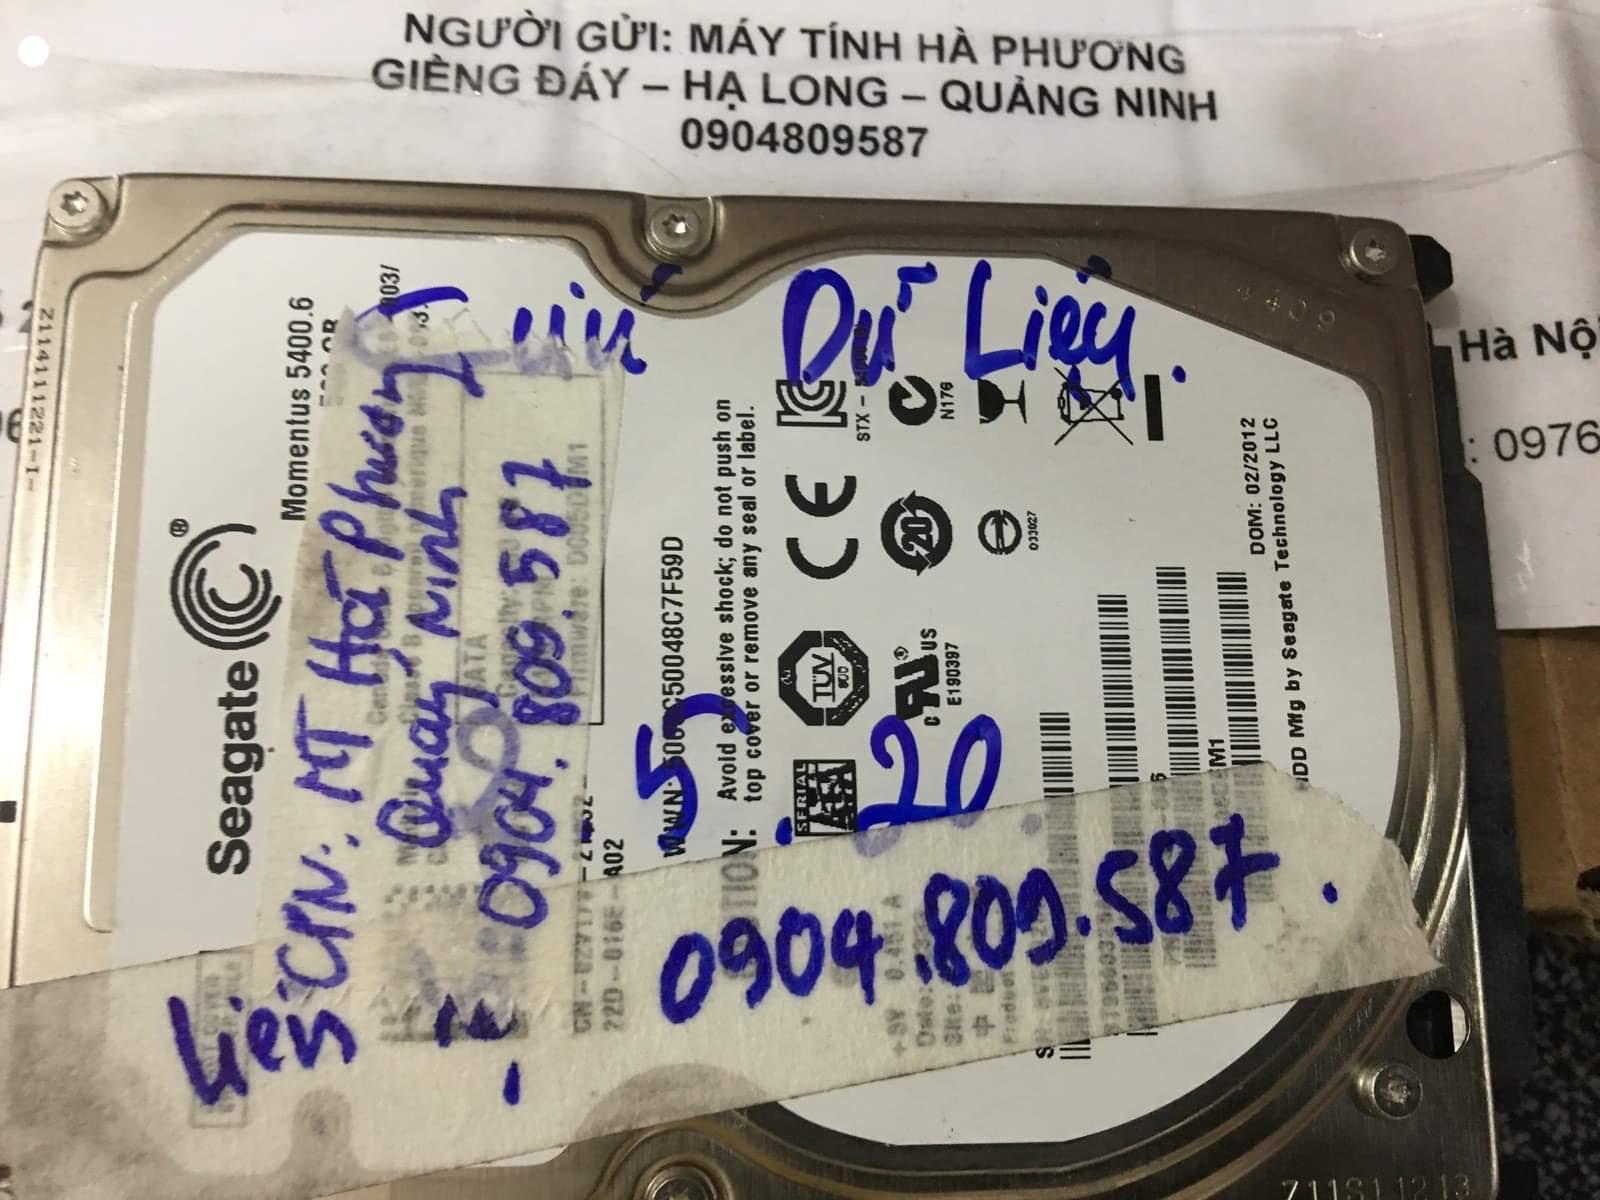 Phục hồi dữ liệu ổ cứng Seagate 500GB lỗi đầu đọc tại Quảng Ninh 04/06/2020 - cuumaytinh